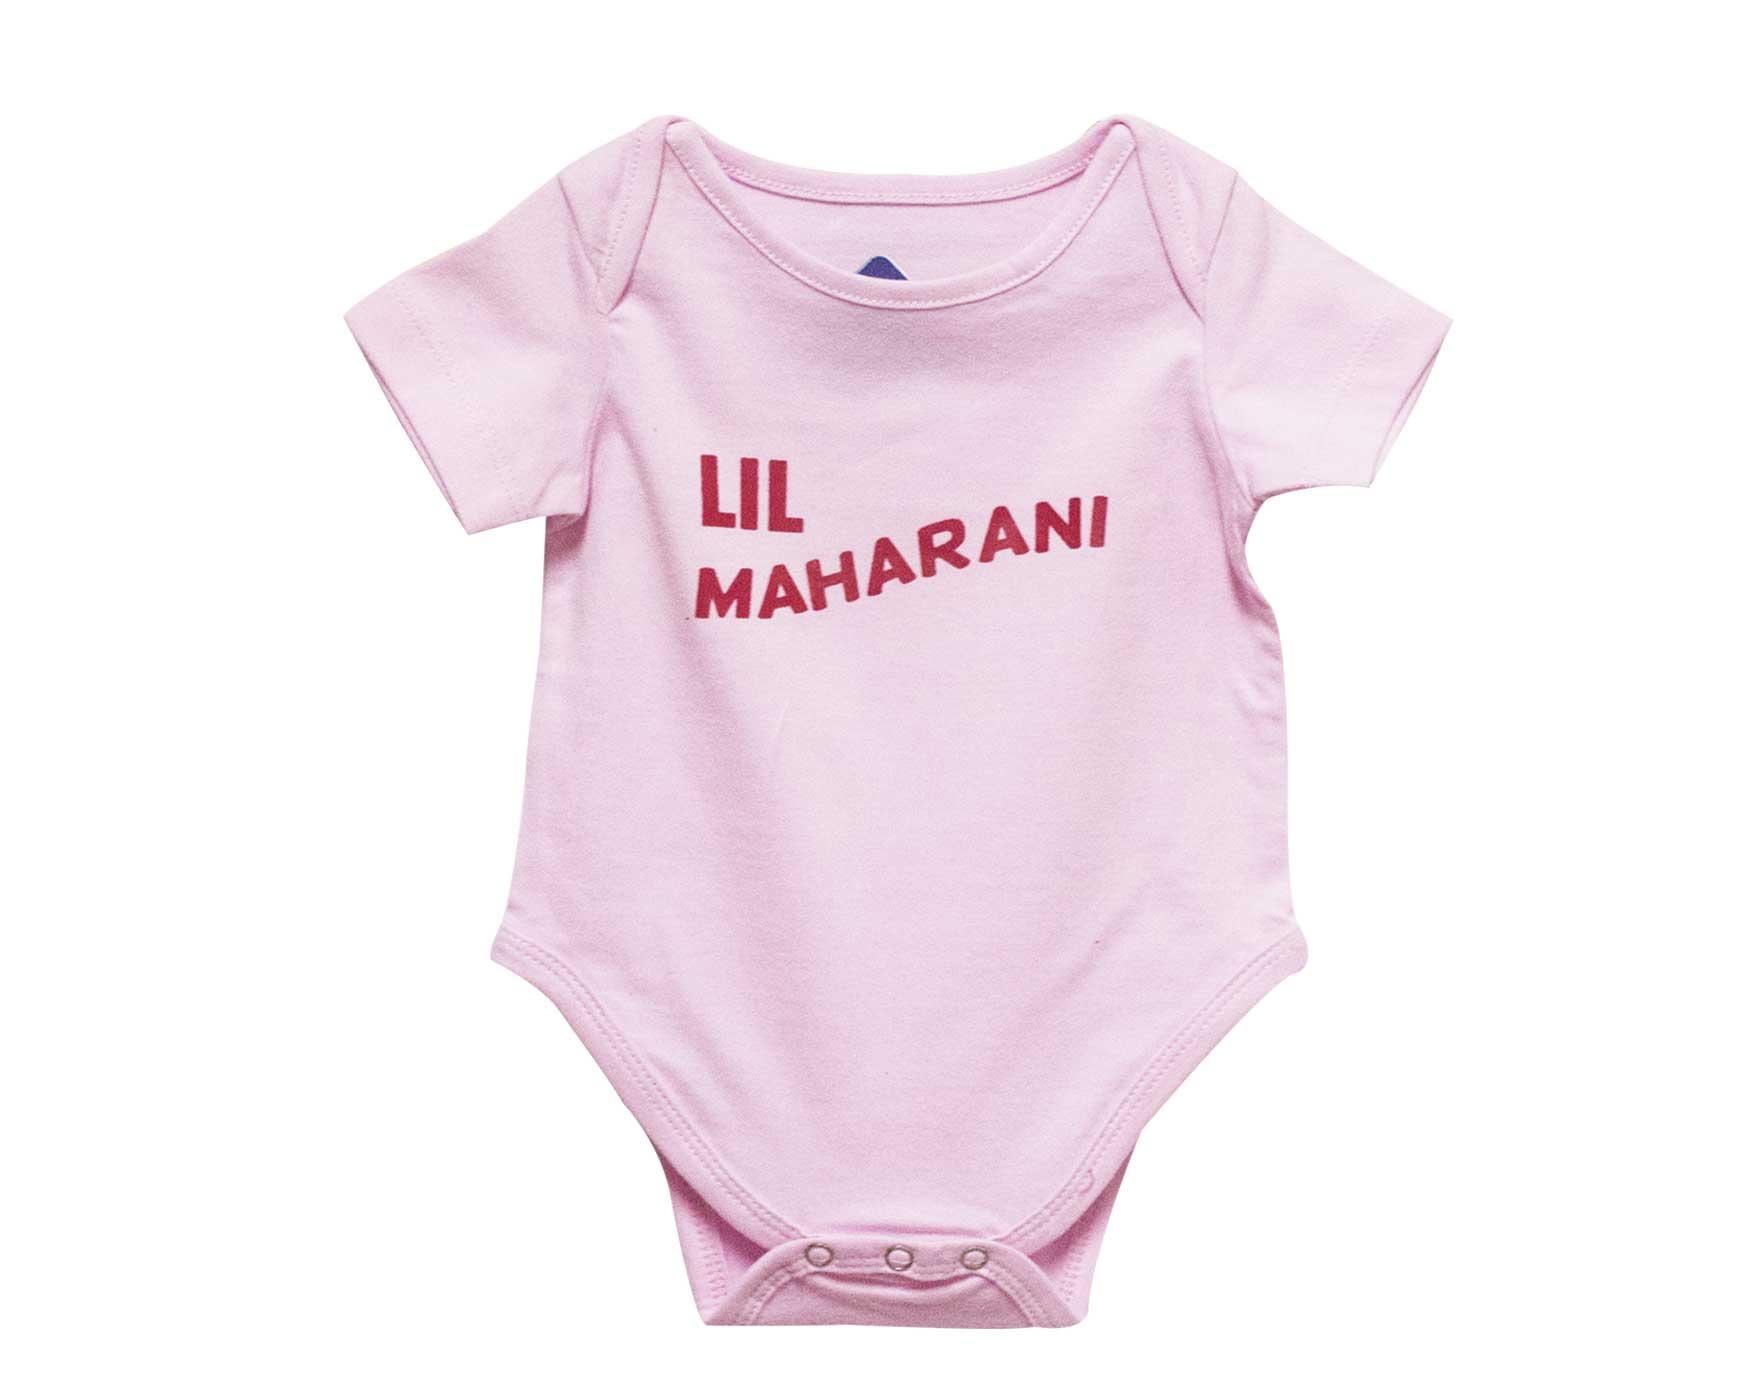 173-Lil-Maharani.jpg